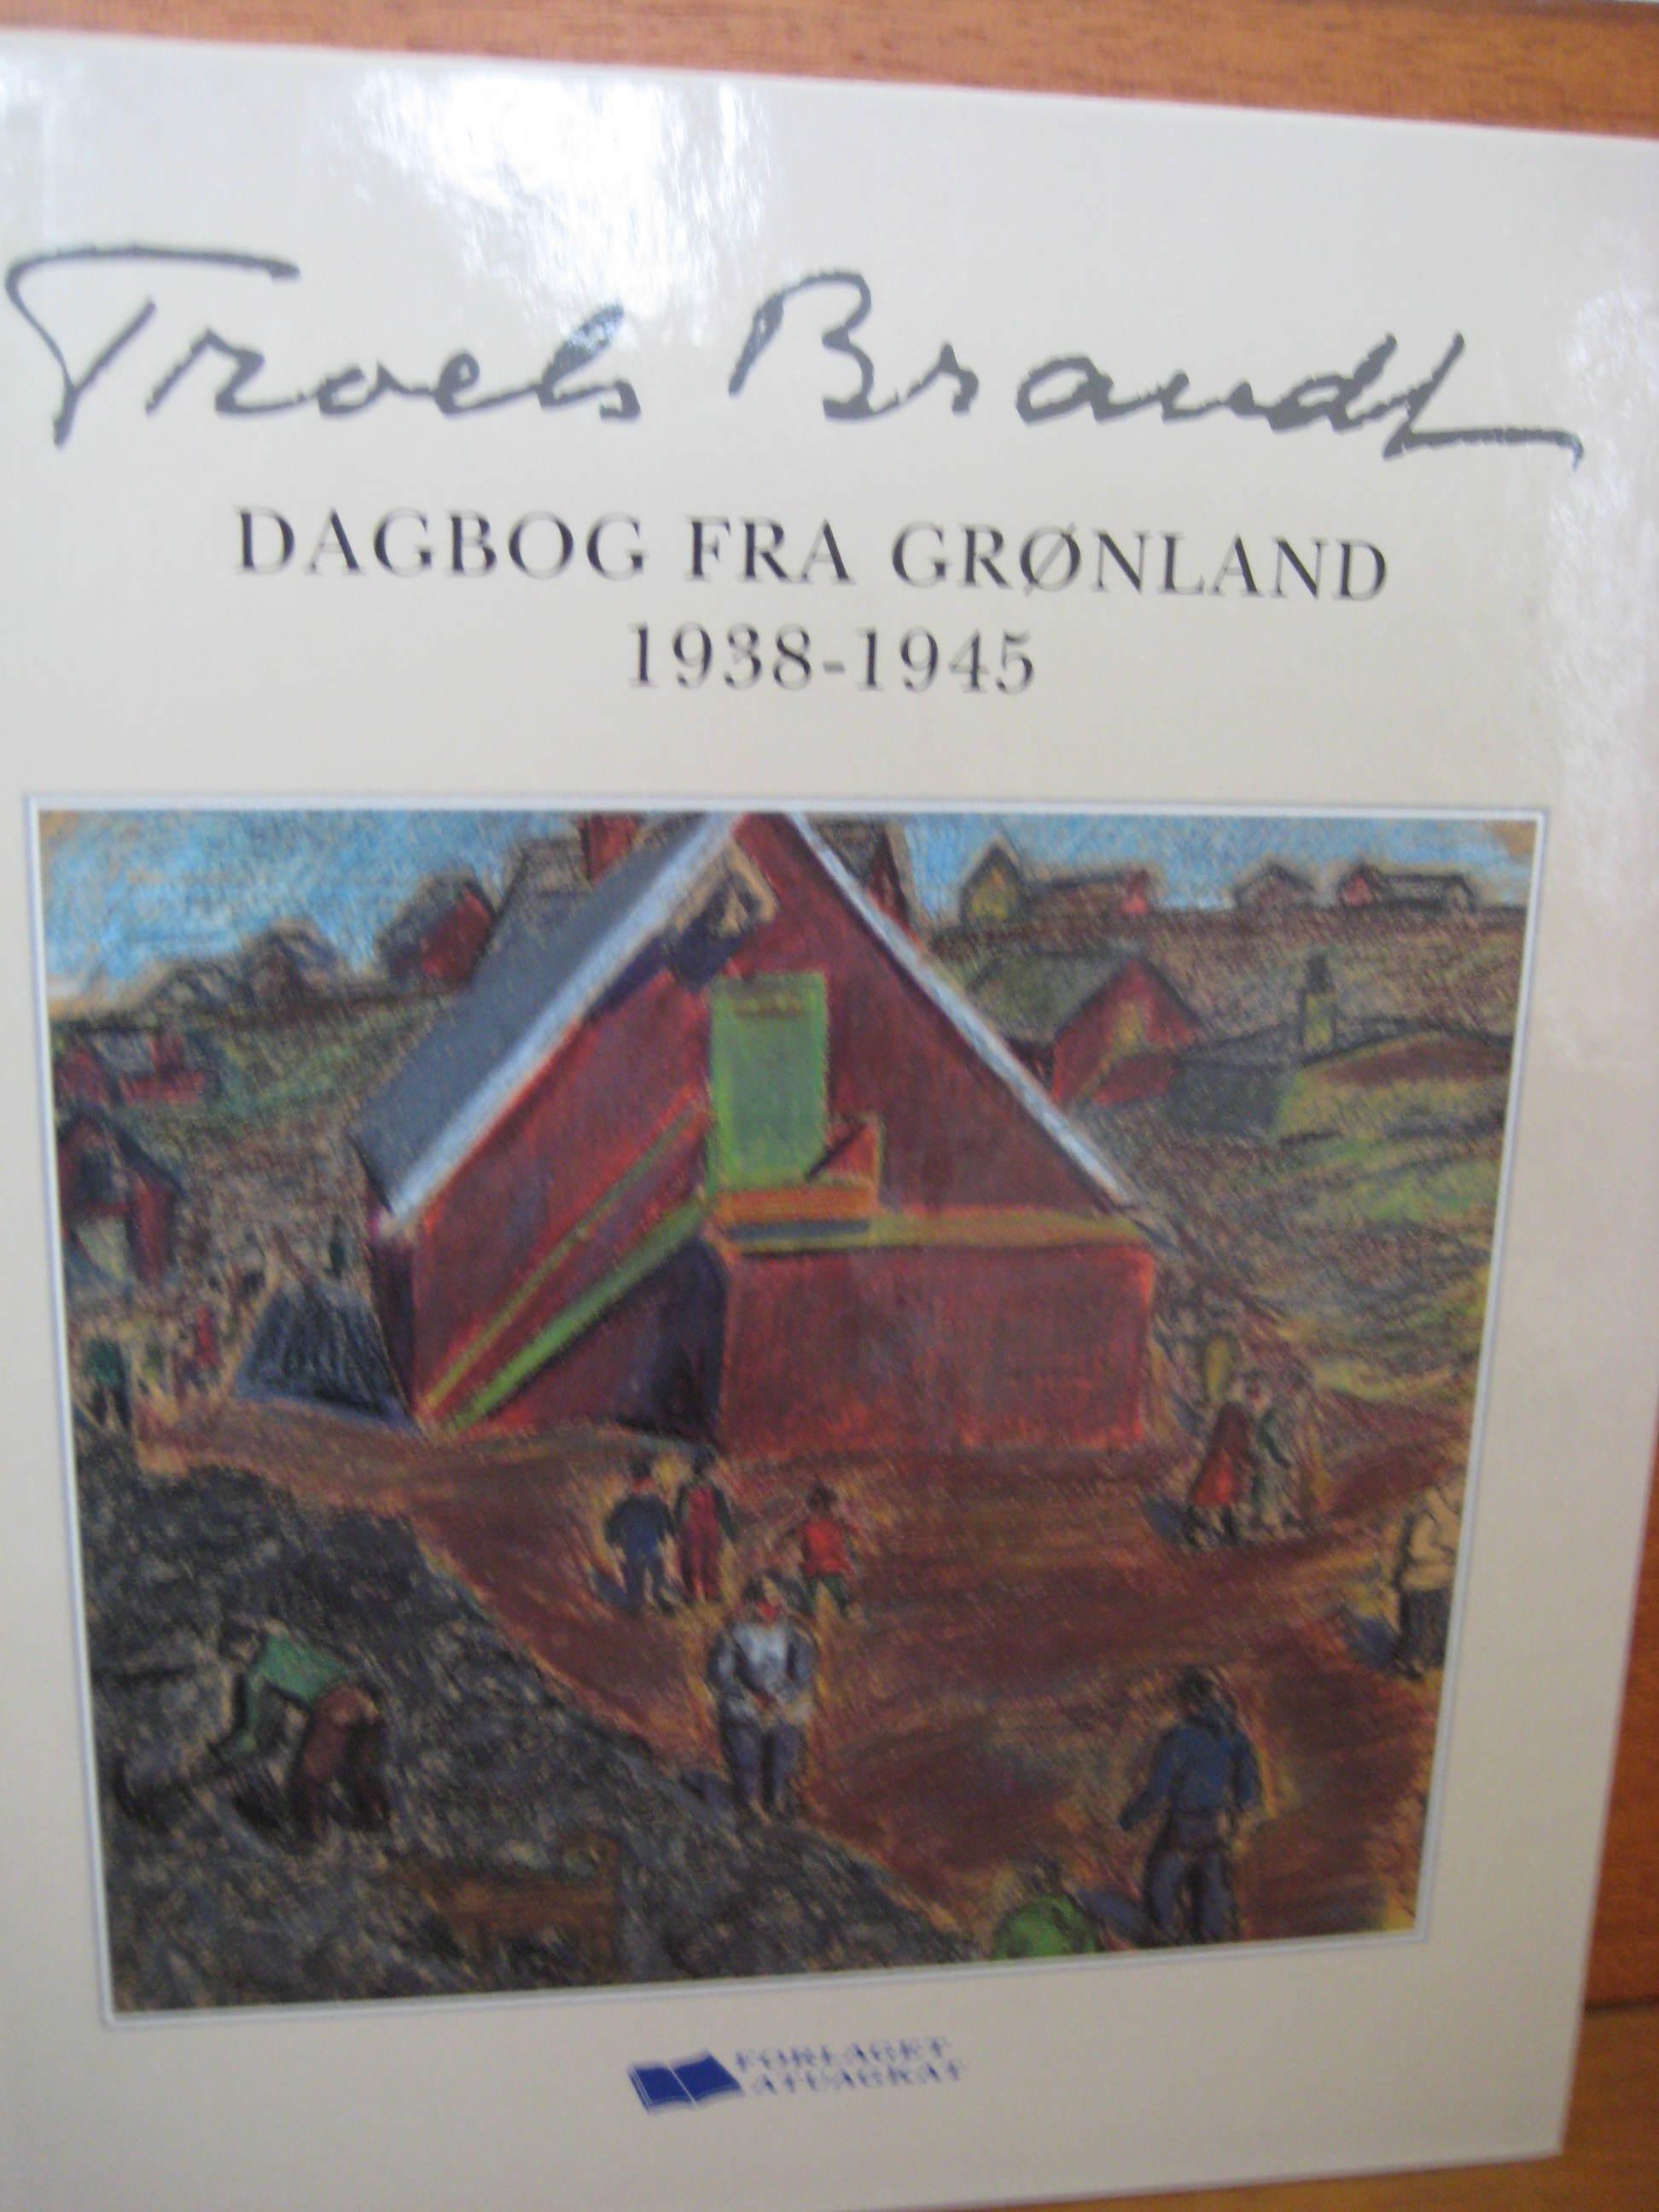 Dagbog fra Grønland